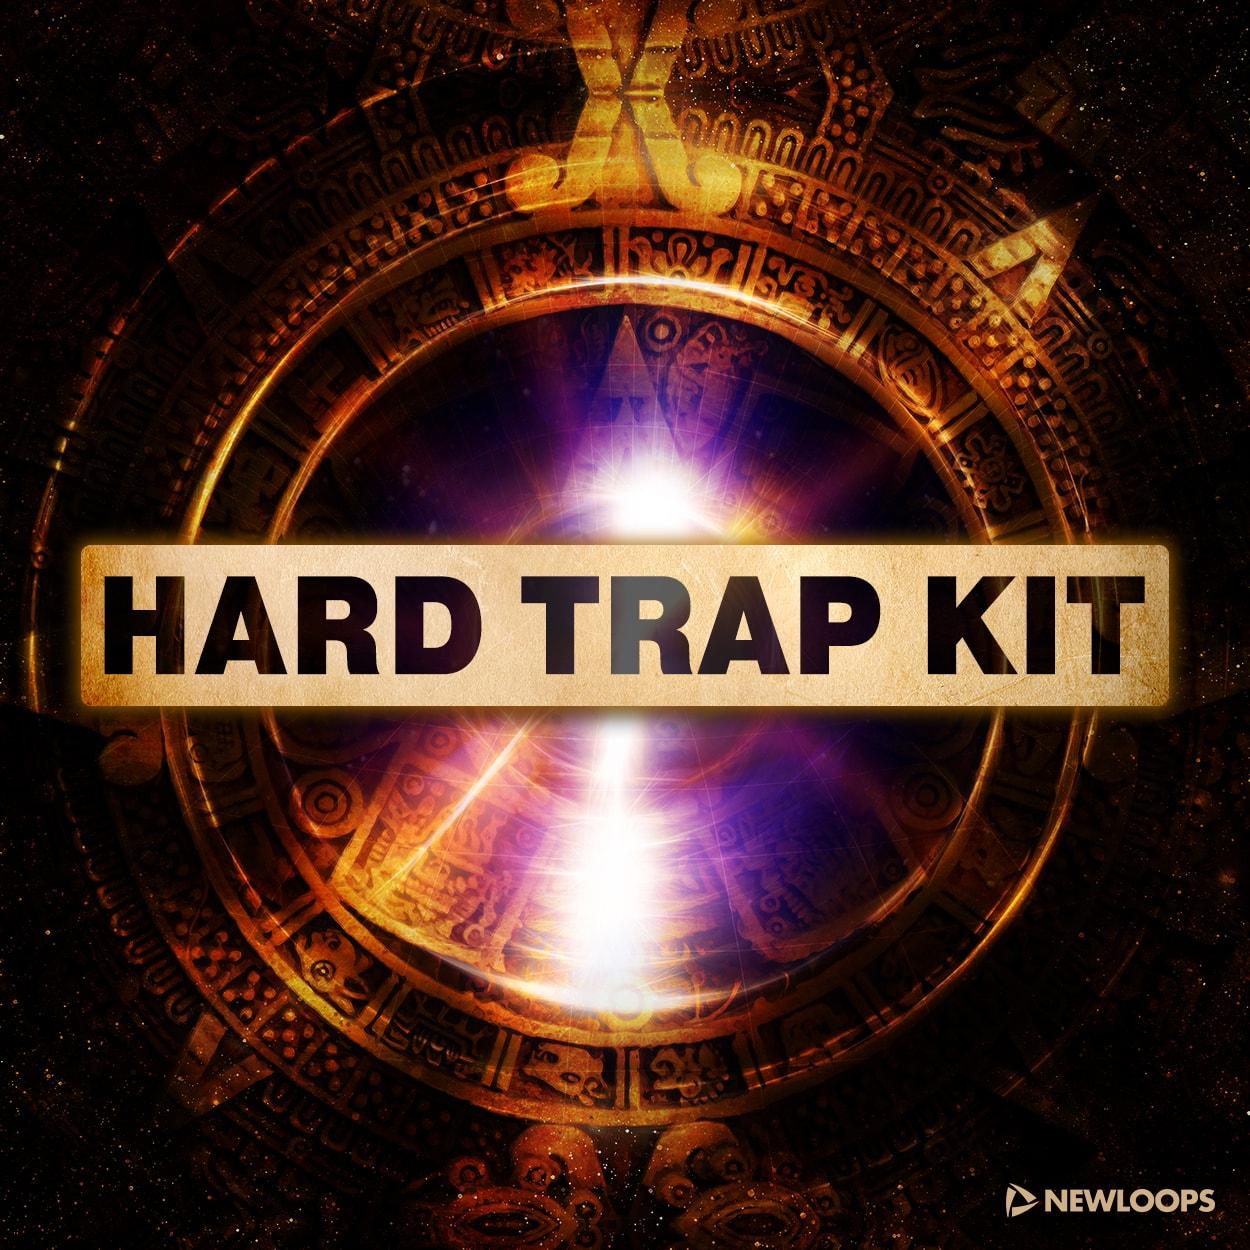 New loops Hard Trap Kit